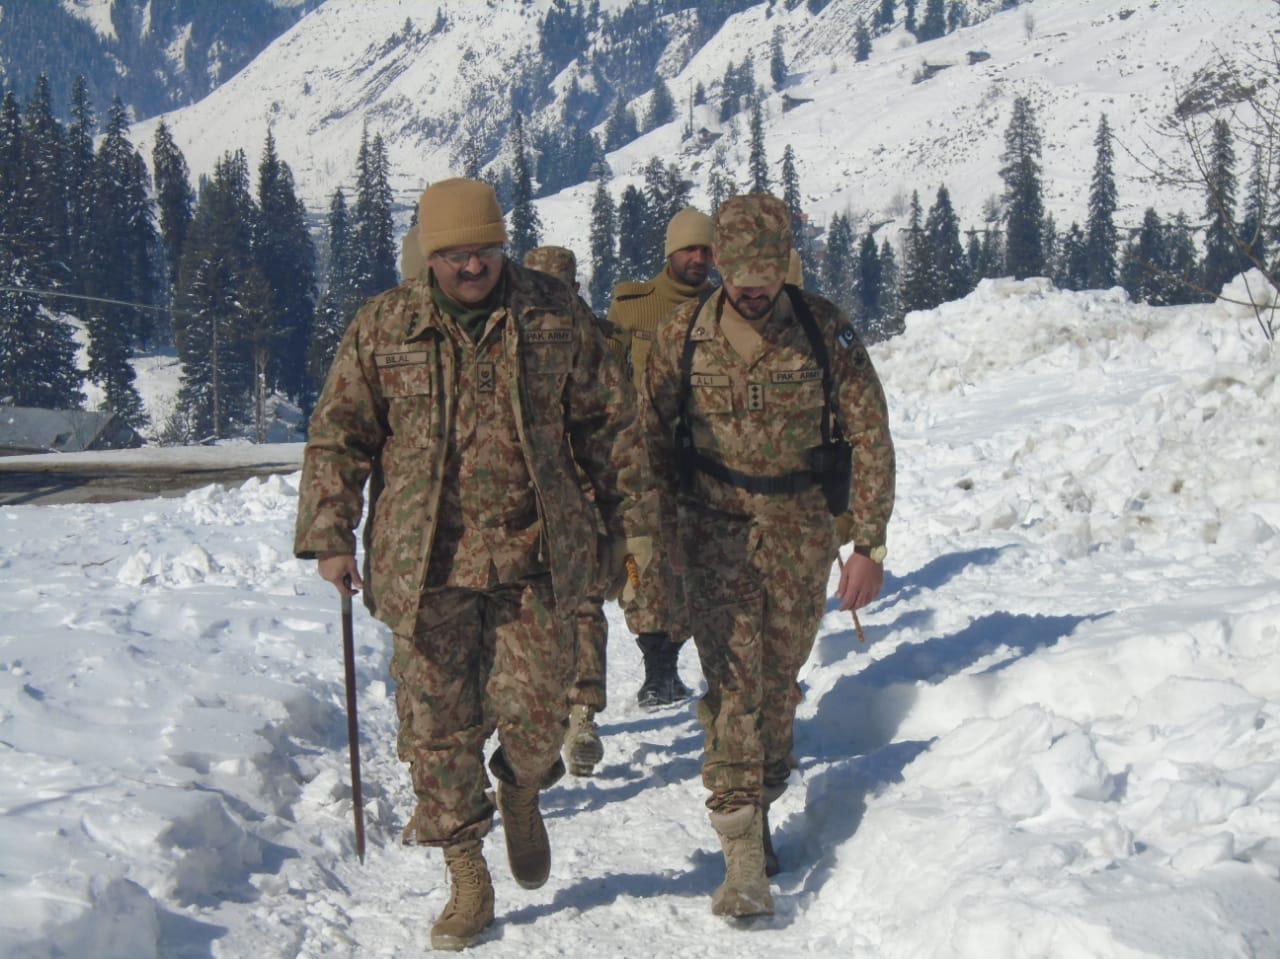 کور کمانڈر راولپنڈی لیفٹیننٹ جنرل بلال اکبر کا کنٹرول لائن کا دورہ